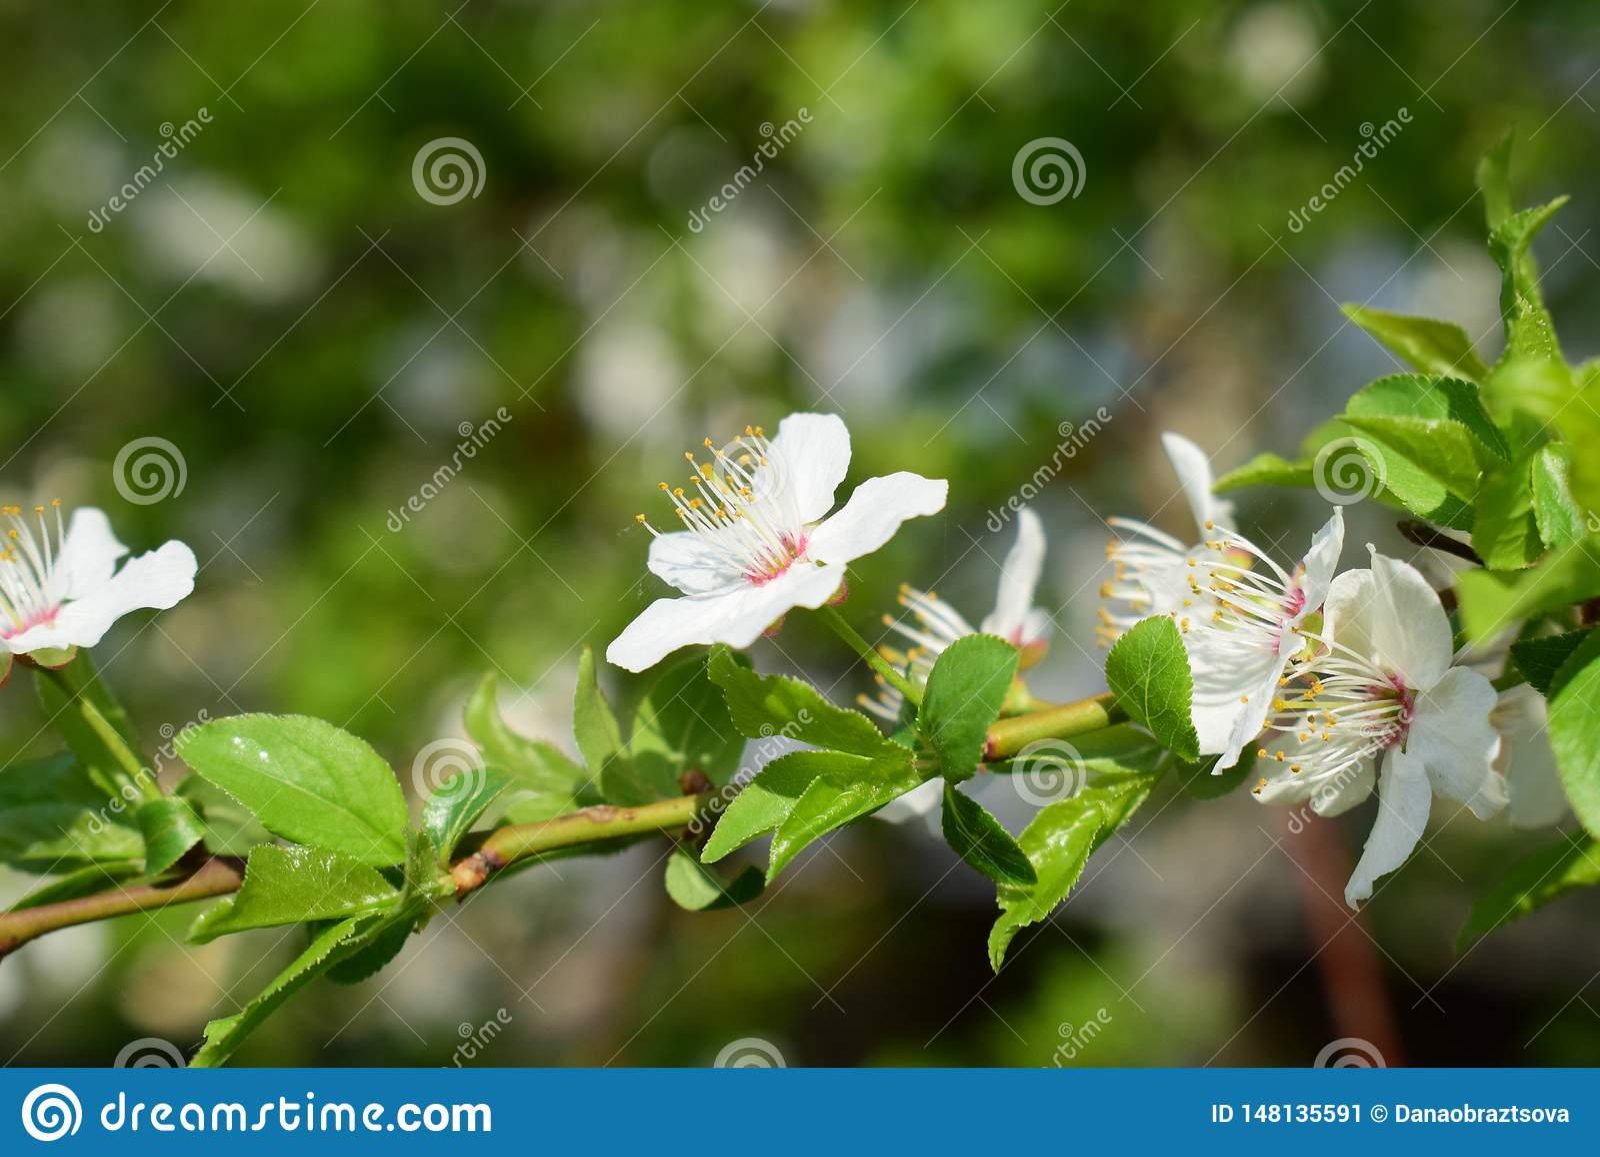 Poco flores blancas en la rama de árbol